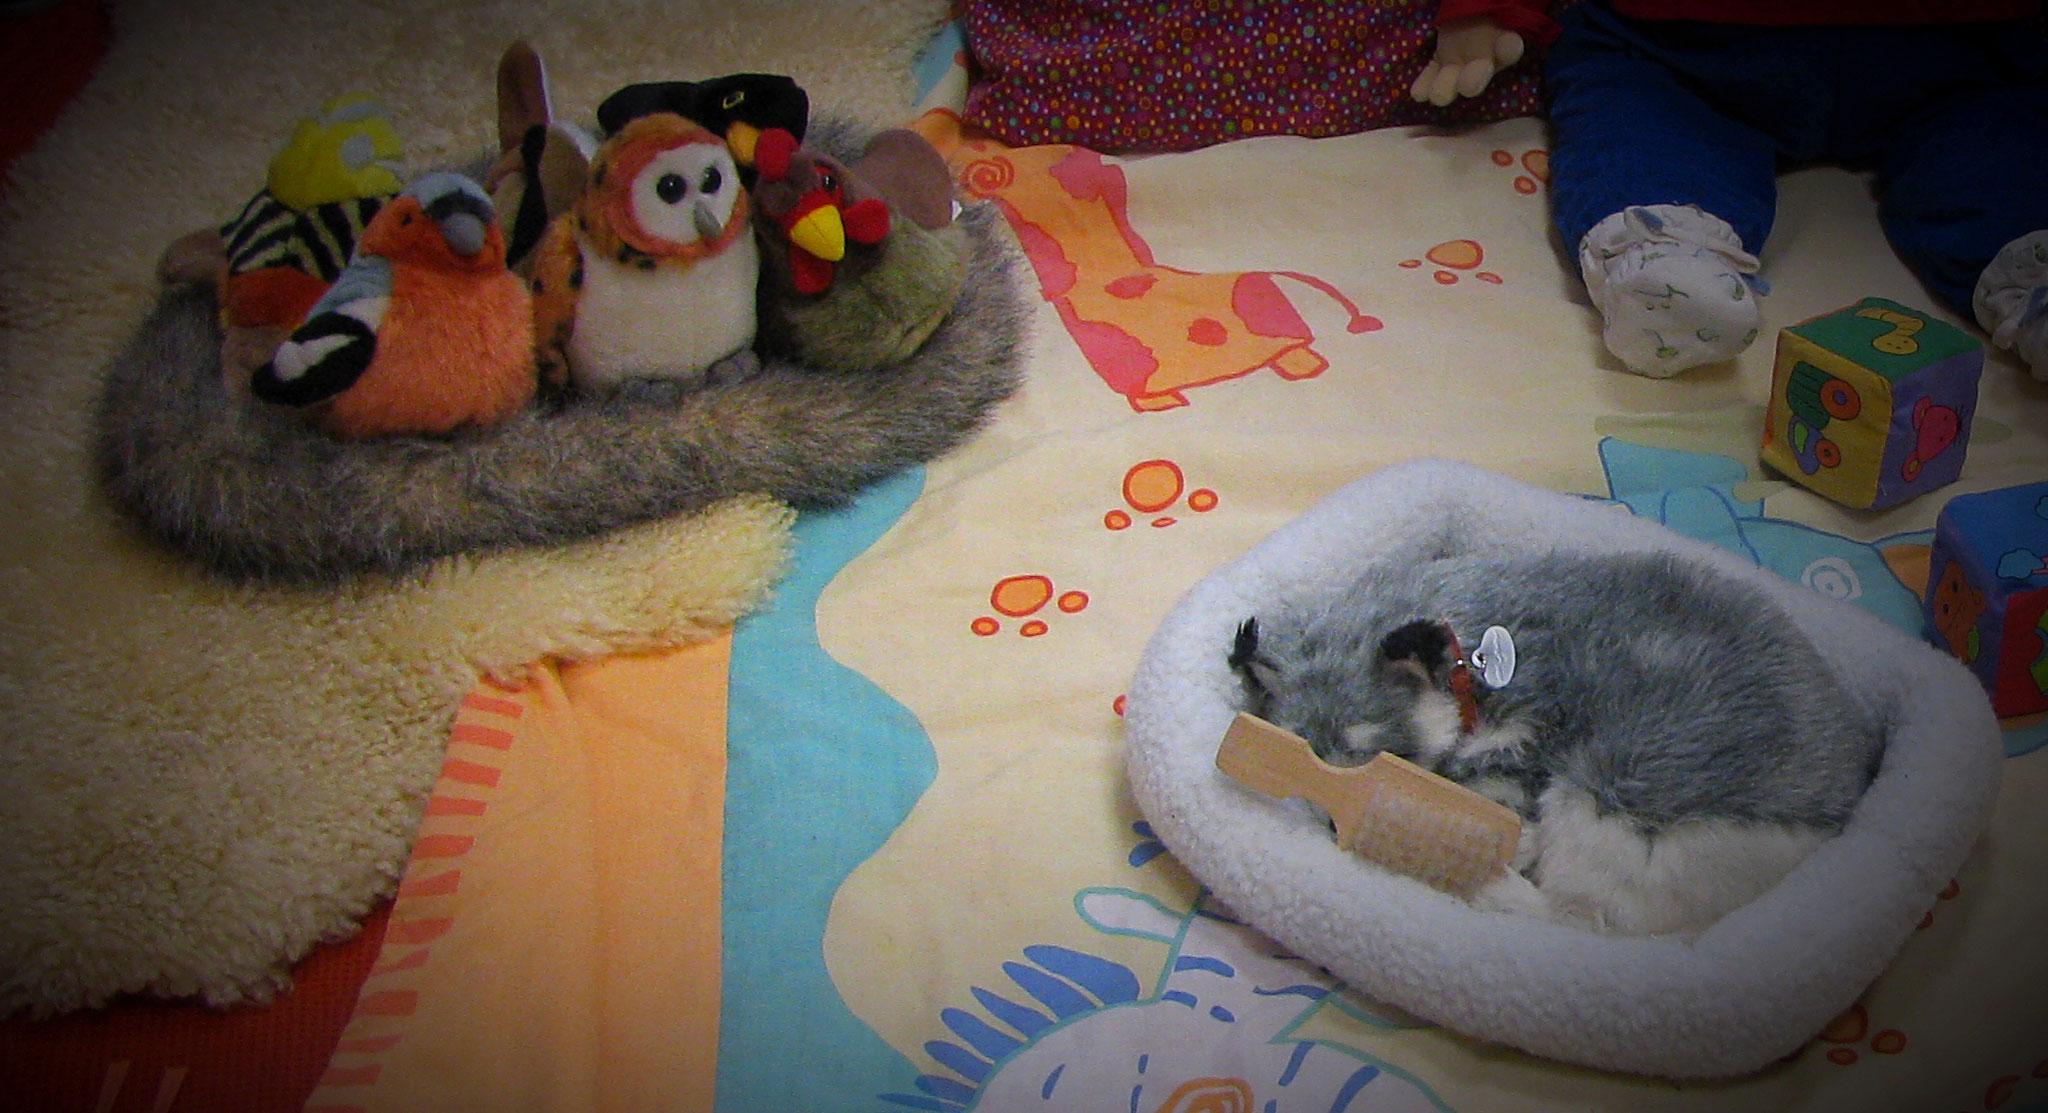 Jeux d'éveil sensoriel : animaux tout doux à caresser, manipuler, à écouter